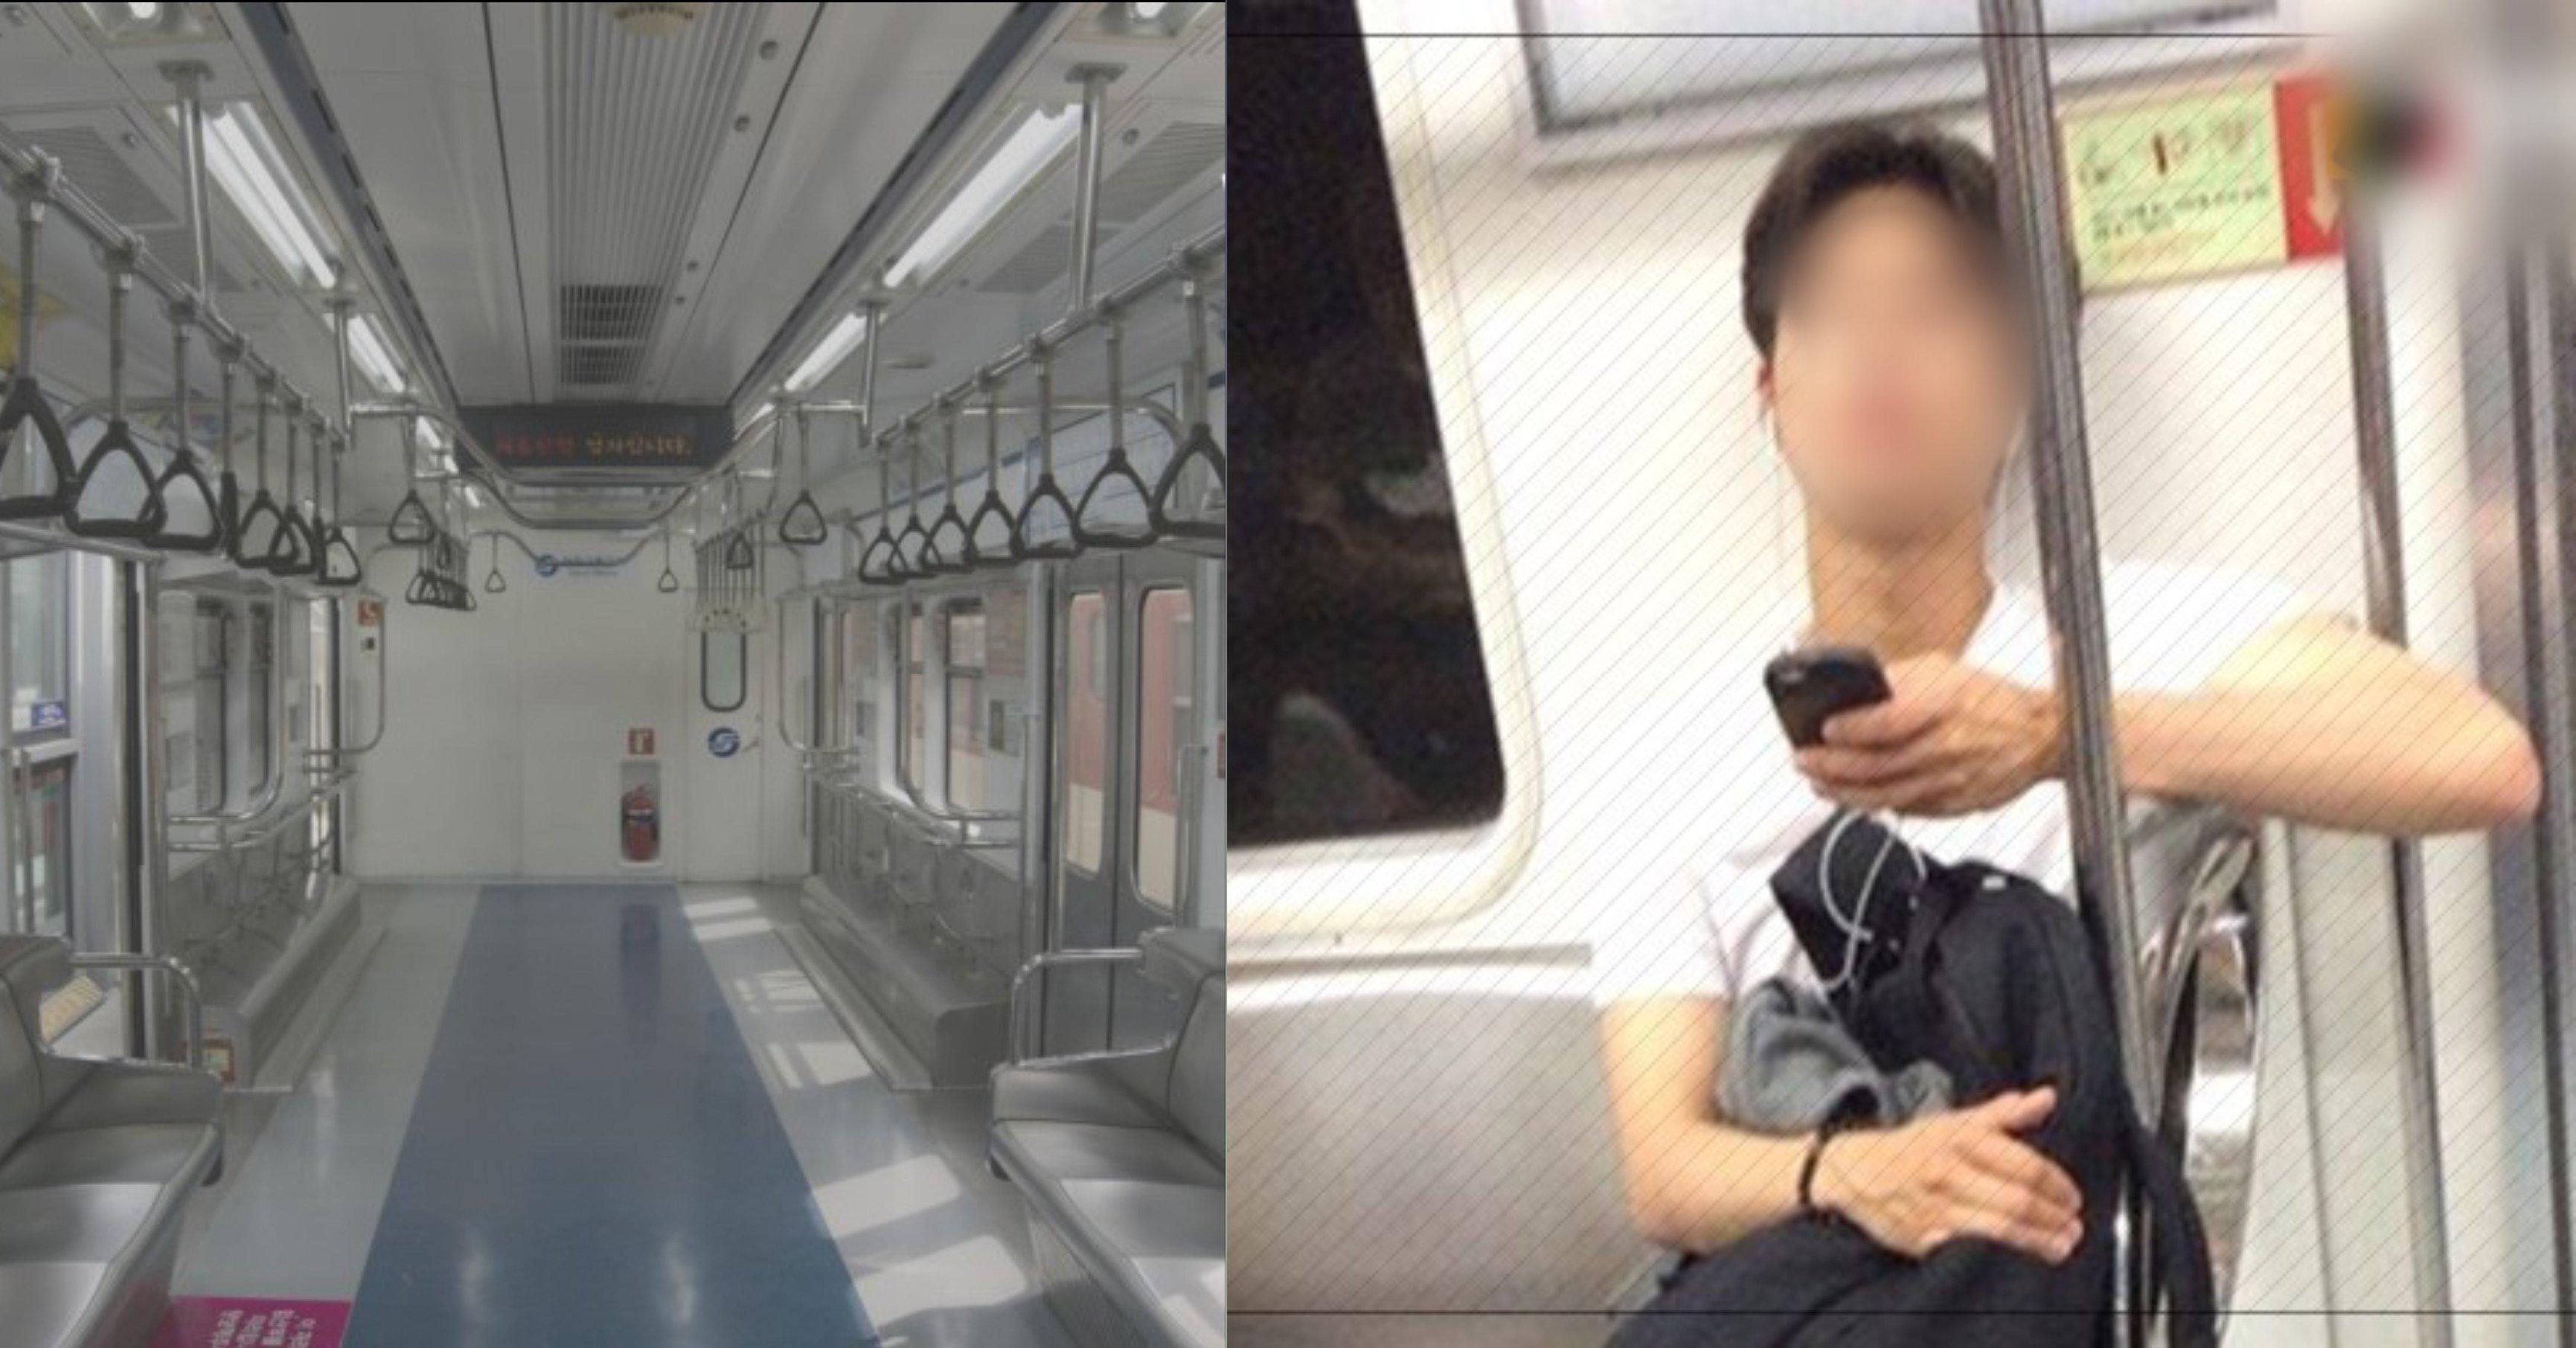 """be684b77 7a02 4d58 9dd0 b6af7693f500.jpeg?resize=412,275 - """"와 진짜 존경해요..""""..30년 넘게 지하철만 이용한다는 유명 연예인의 정체(+사진)"""